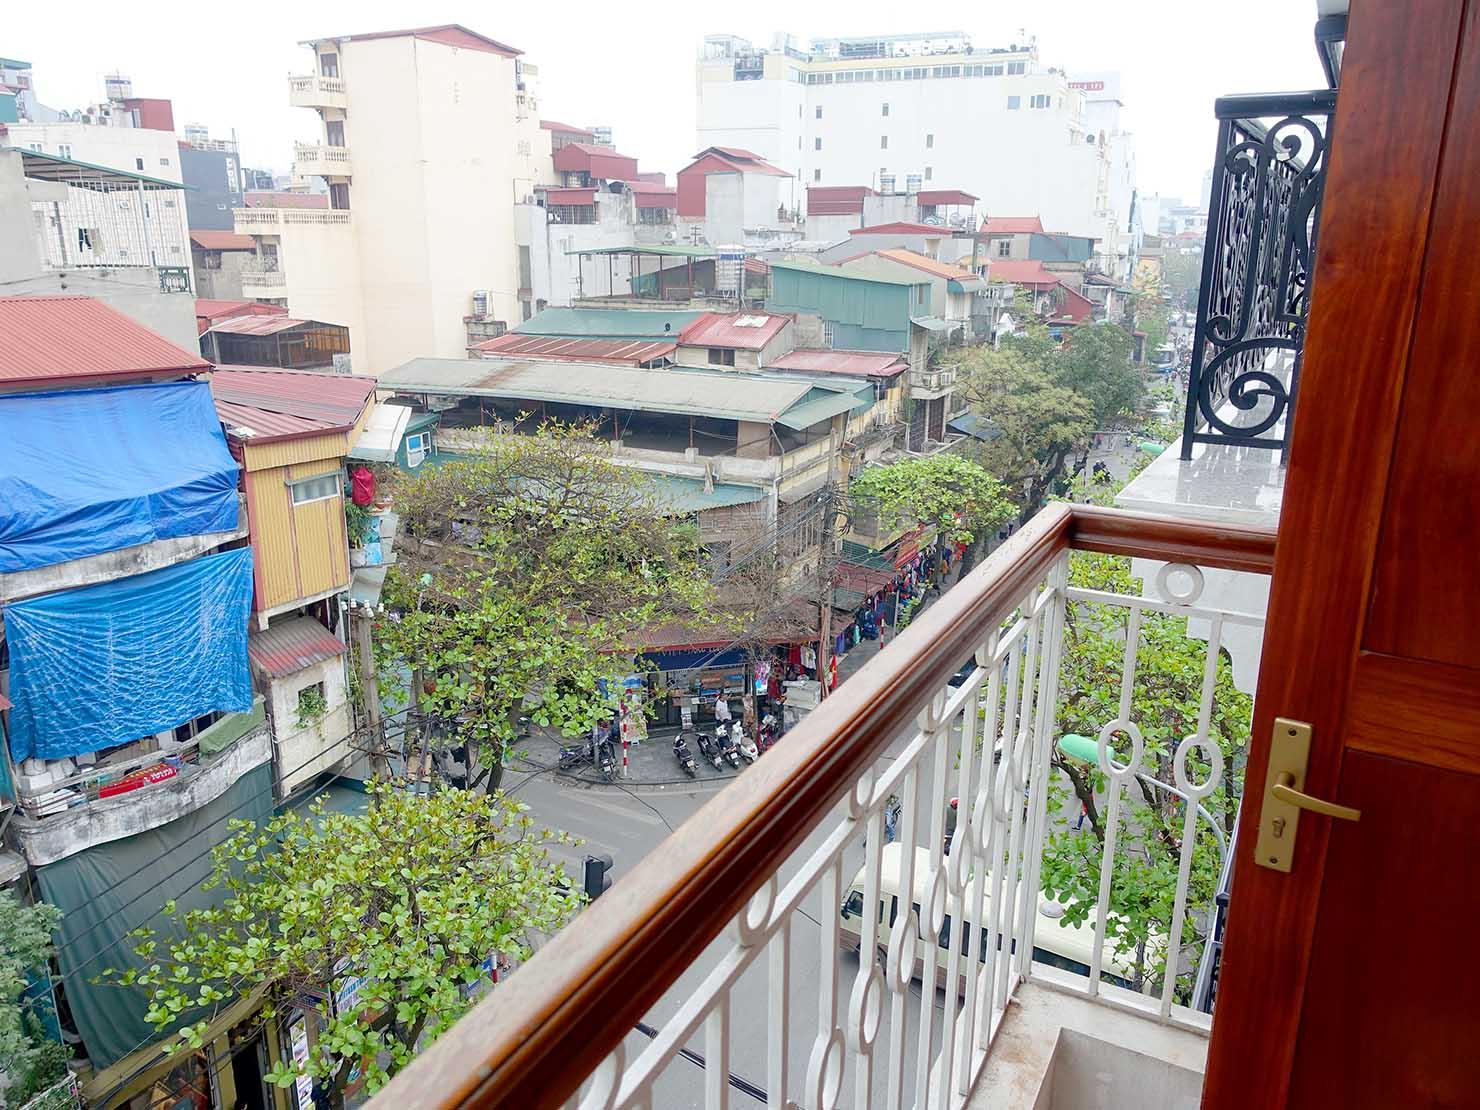 ハノイ旧市街ど真ん中の観光に便利なおすすめホテル「Hai Bay Hotel」エグゼクティブ・ダブルルームのベランダから眺める旧市街